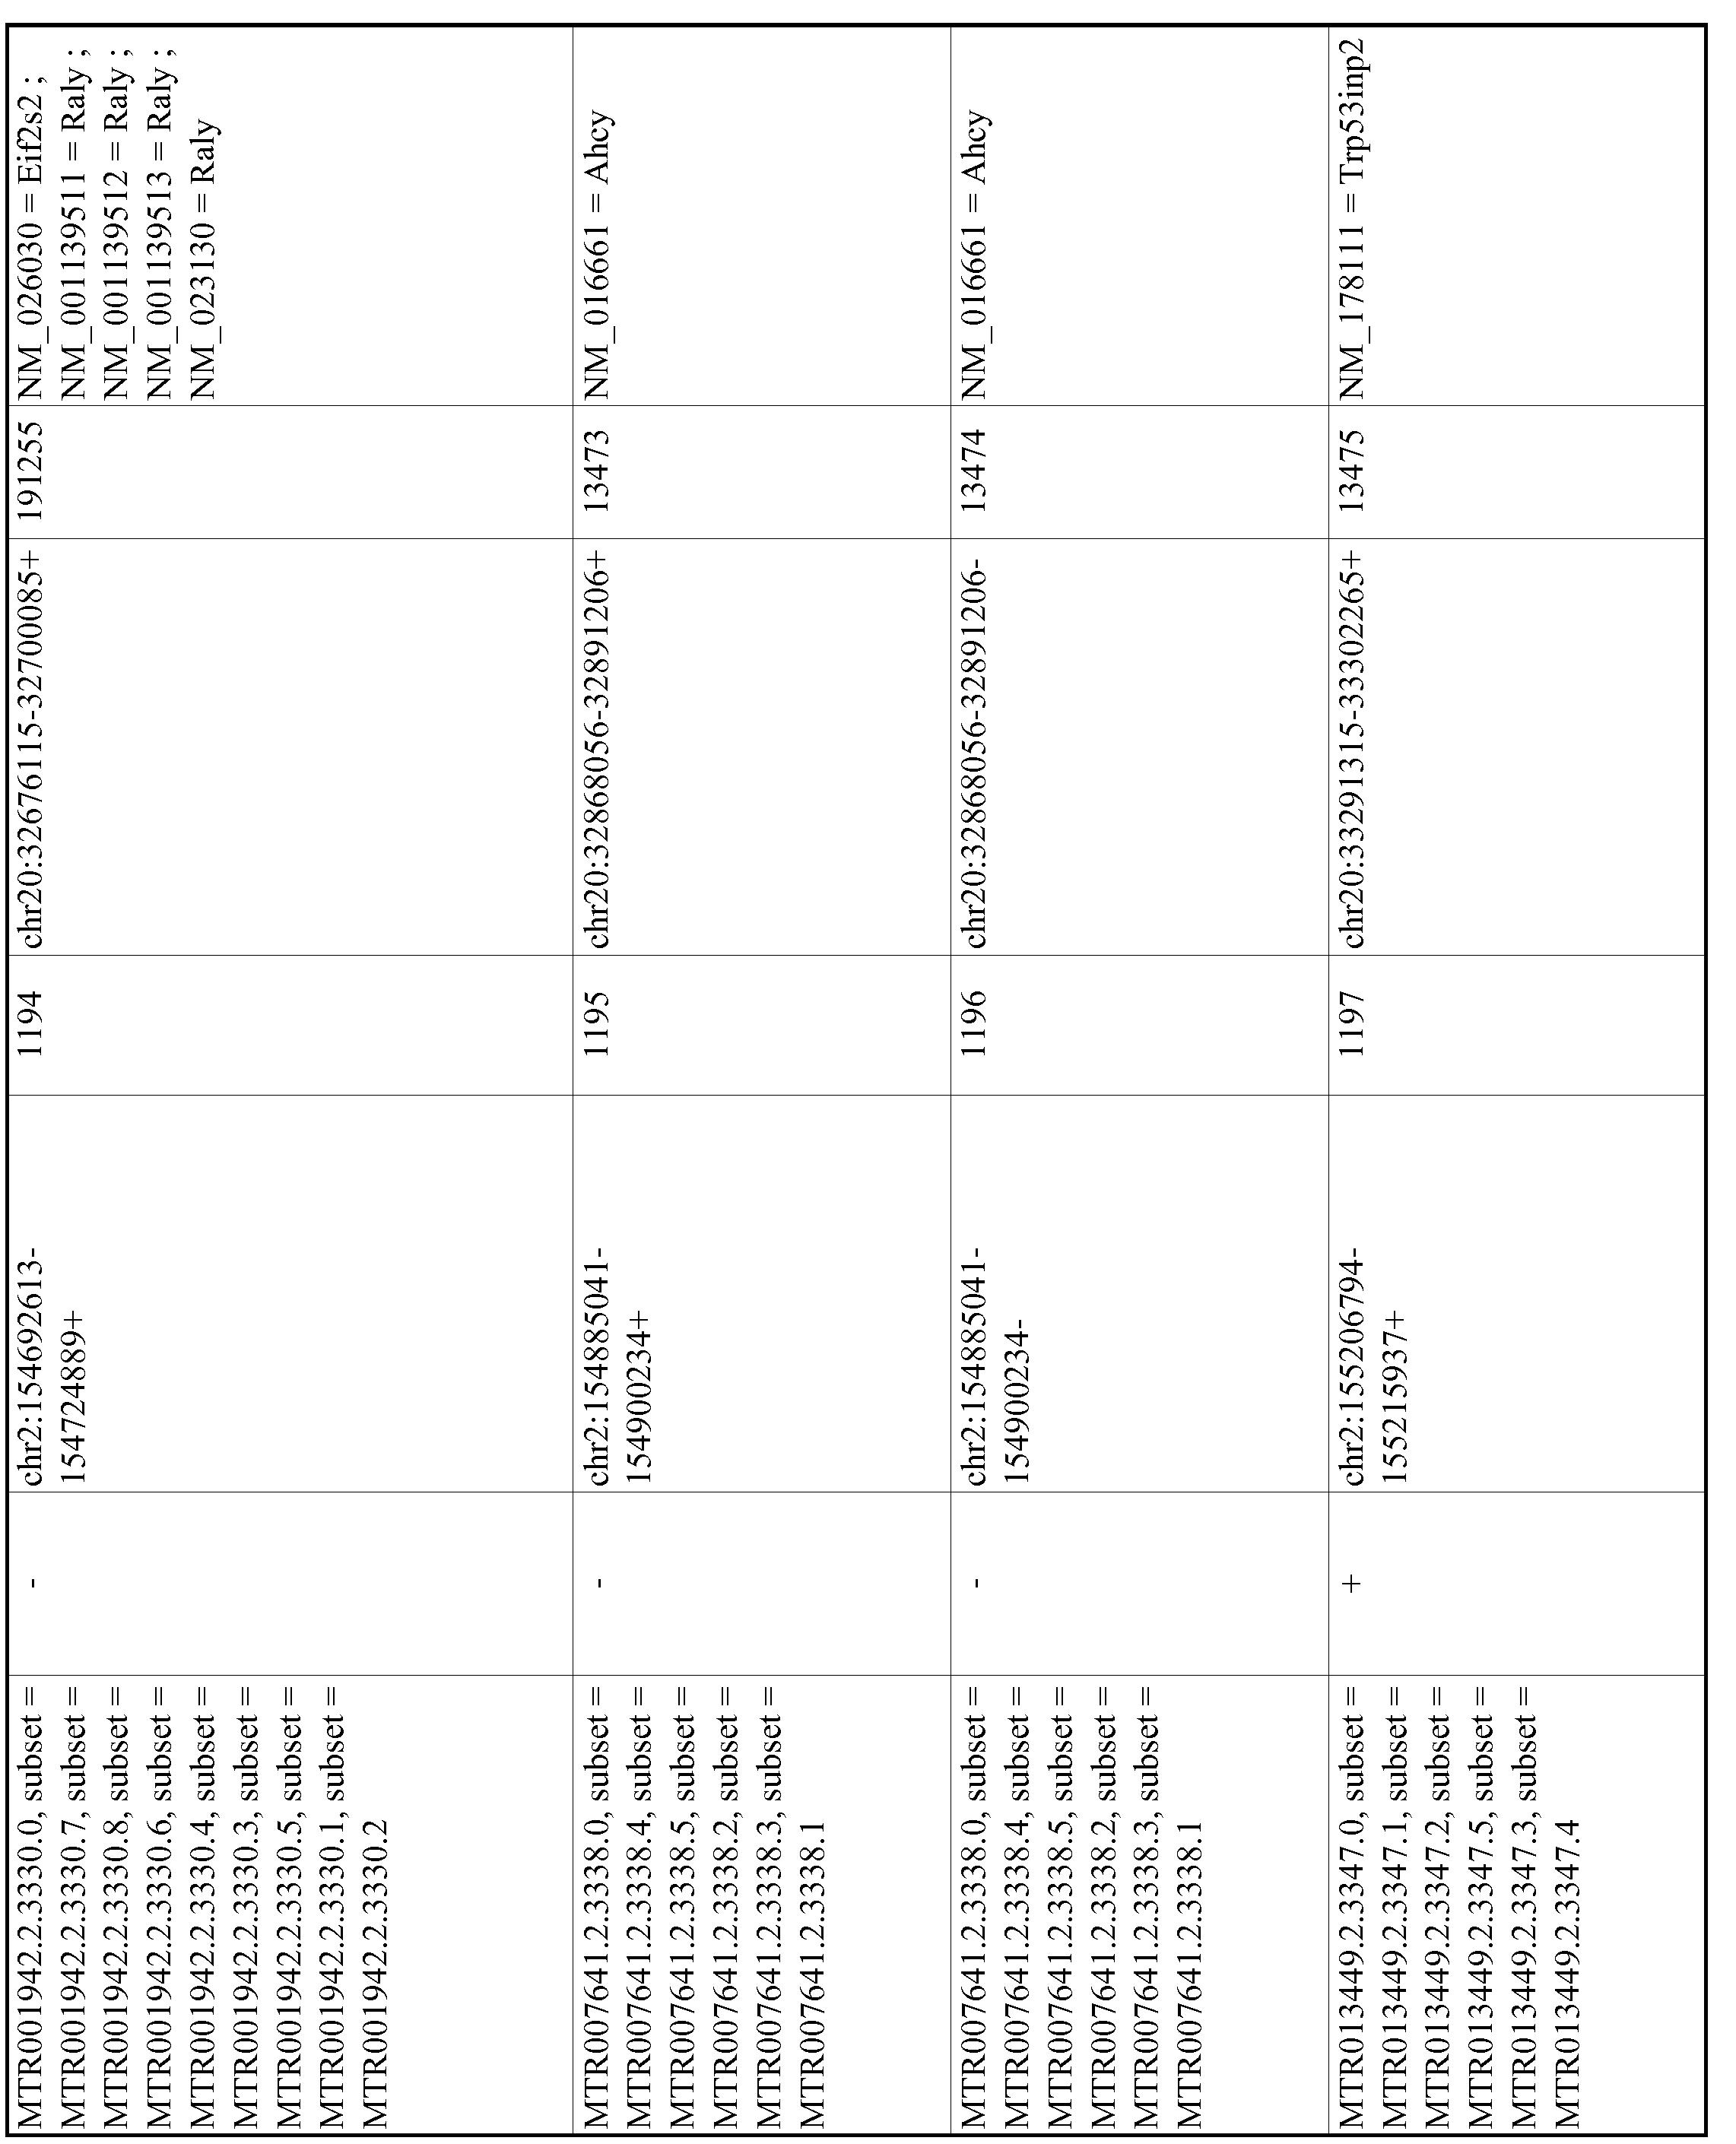 Figure imgf000340_0001